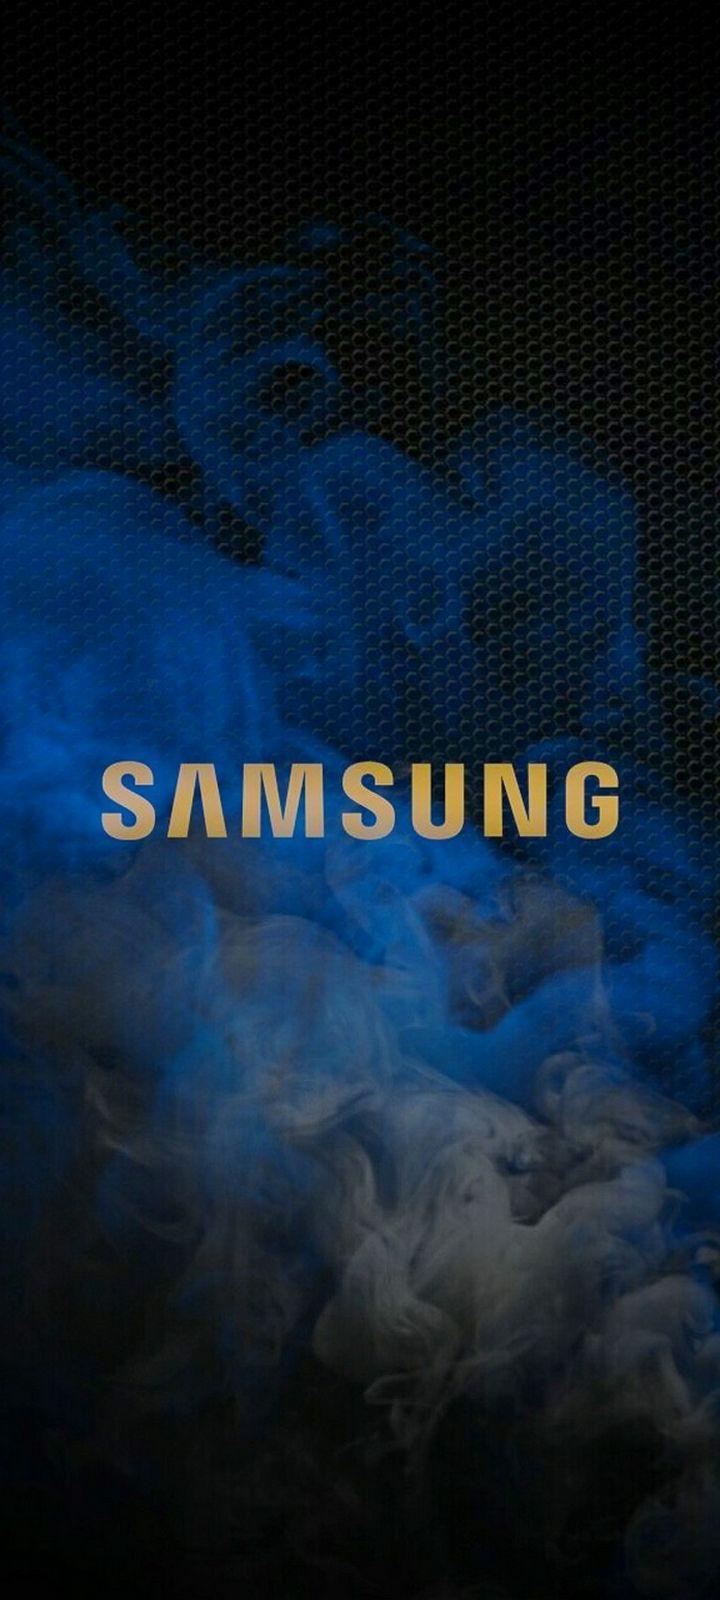 Samsung Wallpaper 720x1600